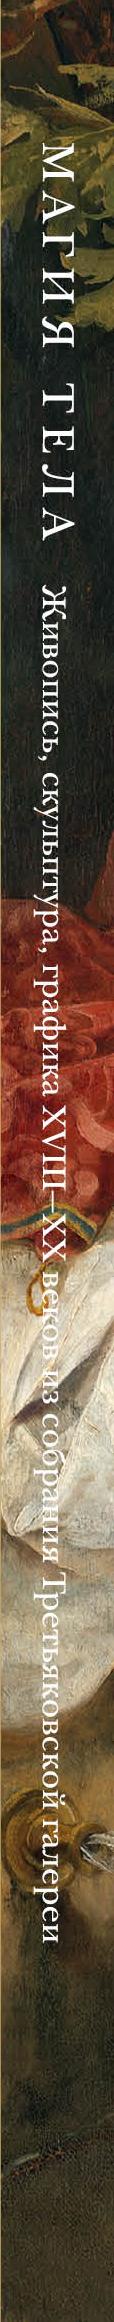 Магия тела. Живопись, скульптура XVIII-XX веков из собрания Третьяковской галереи